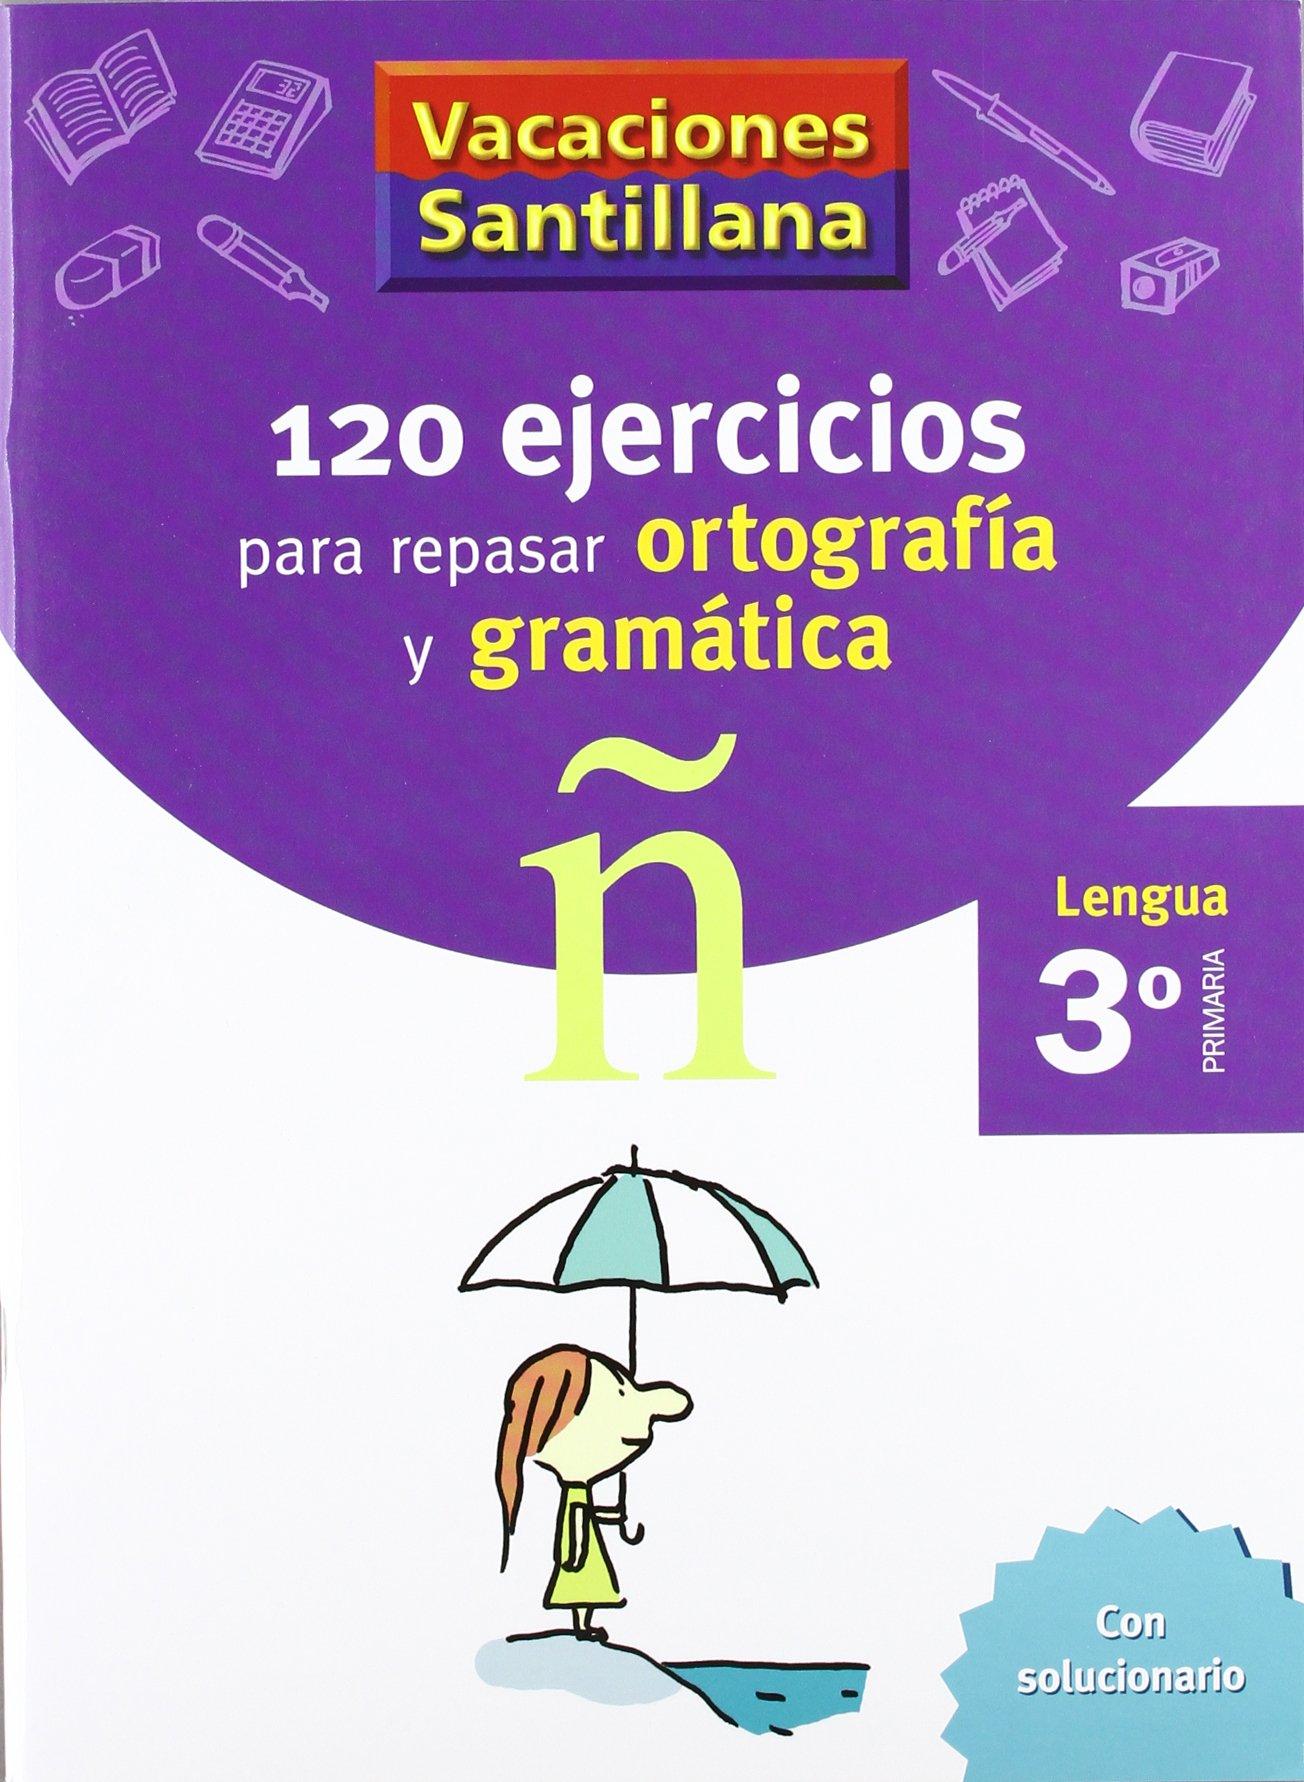 Vacaciónes Santillana, lengua, ortografía y gramática, 3 Educación  PriMaría. Cuaderno - 9788429407631: Amazon.es: Varios autores: Libros